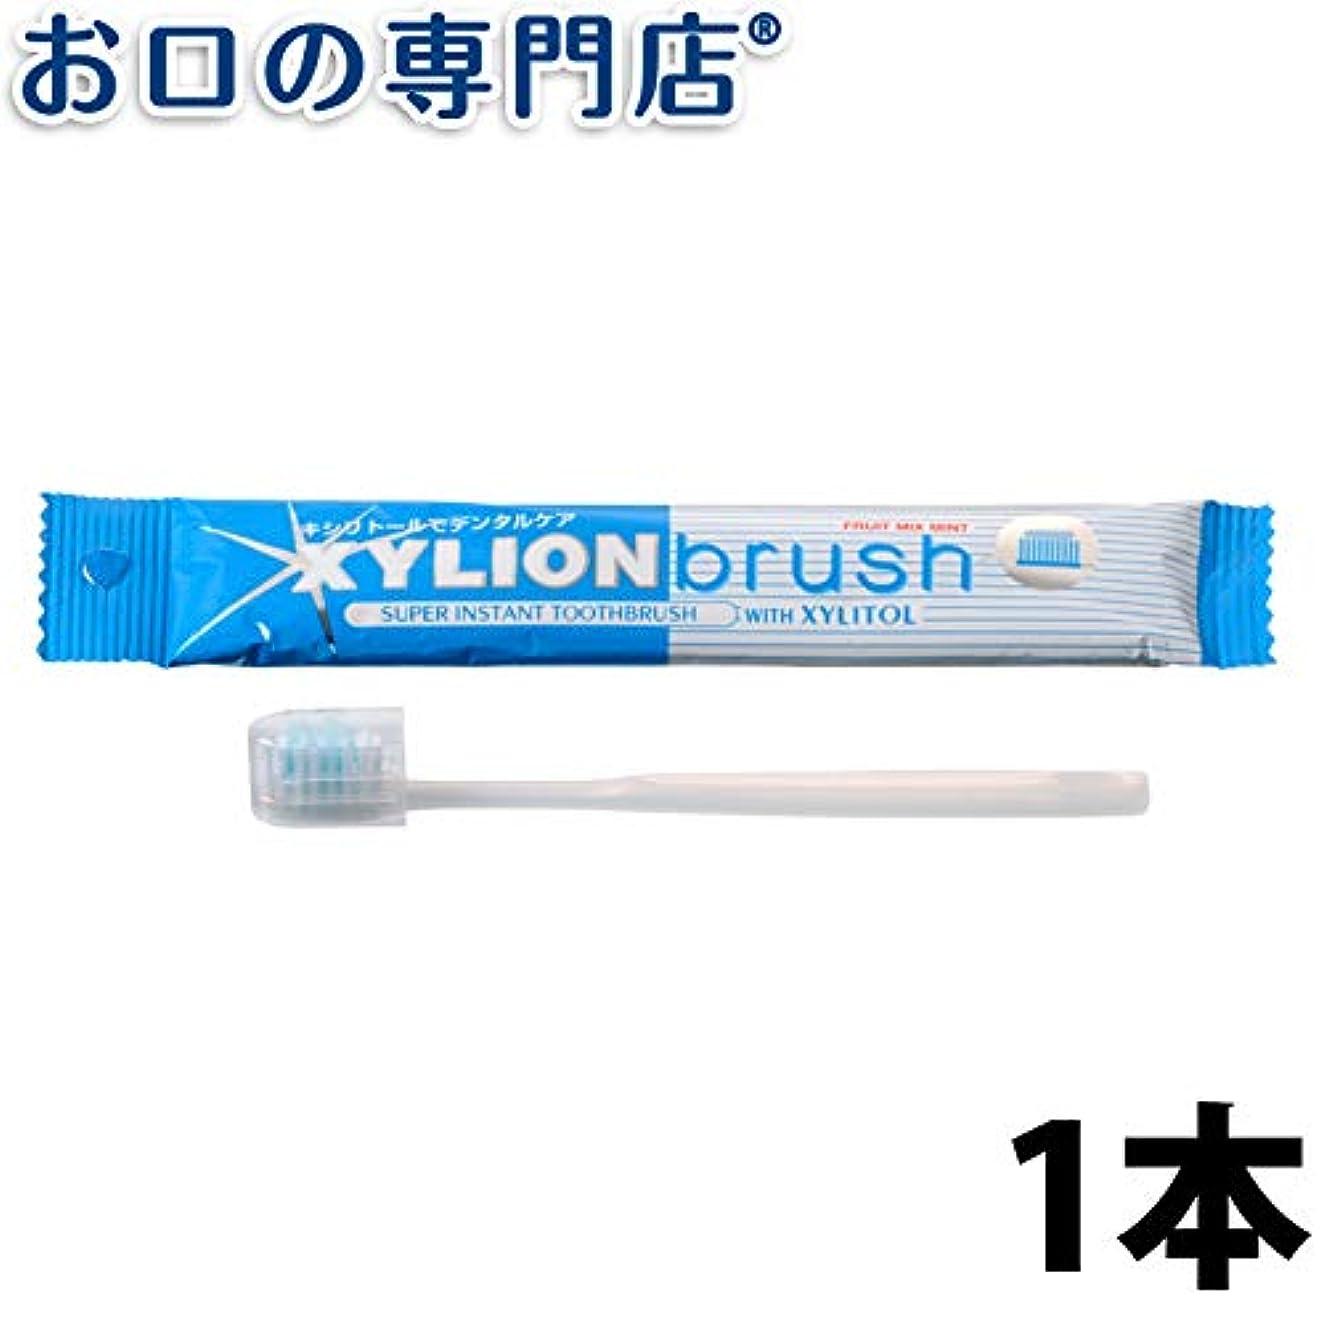 予想する友情飛行機キシリオンブラシ XYLION brush 1本